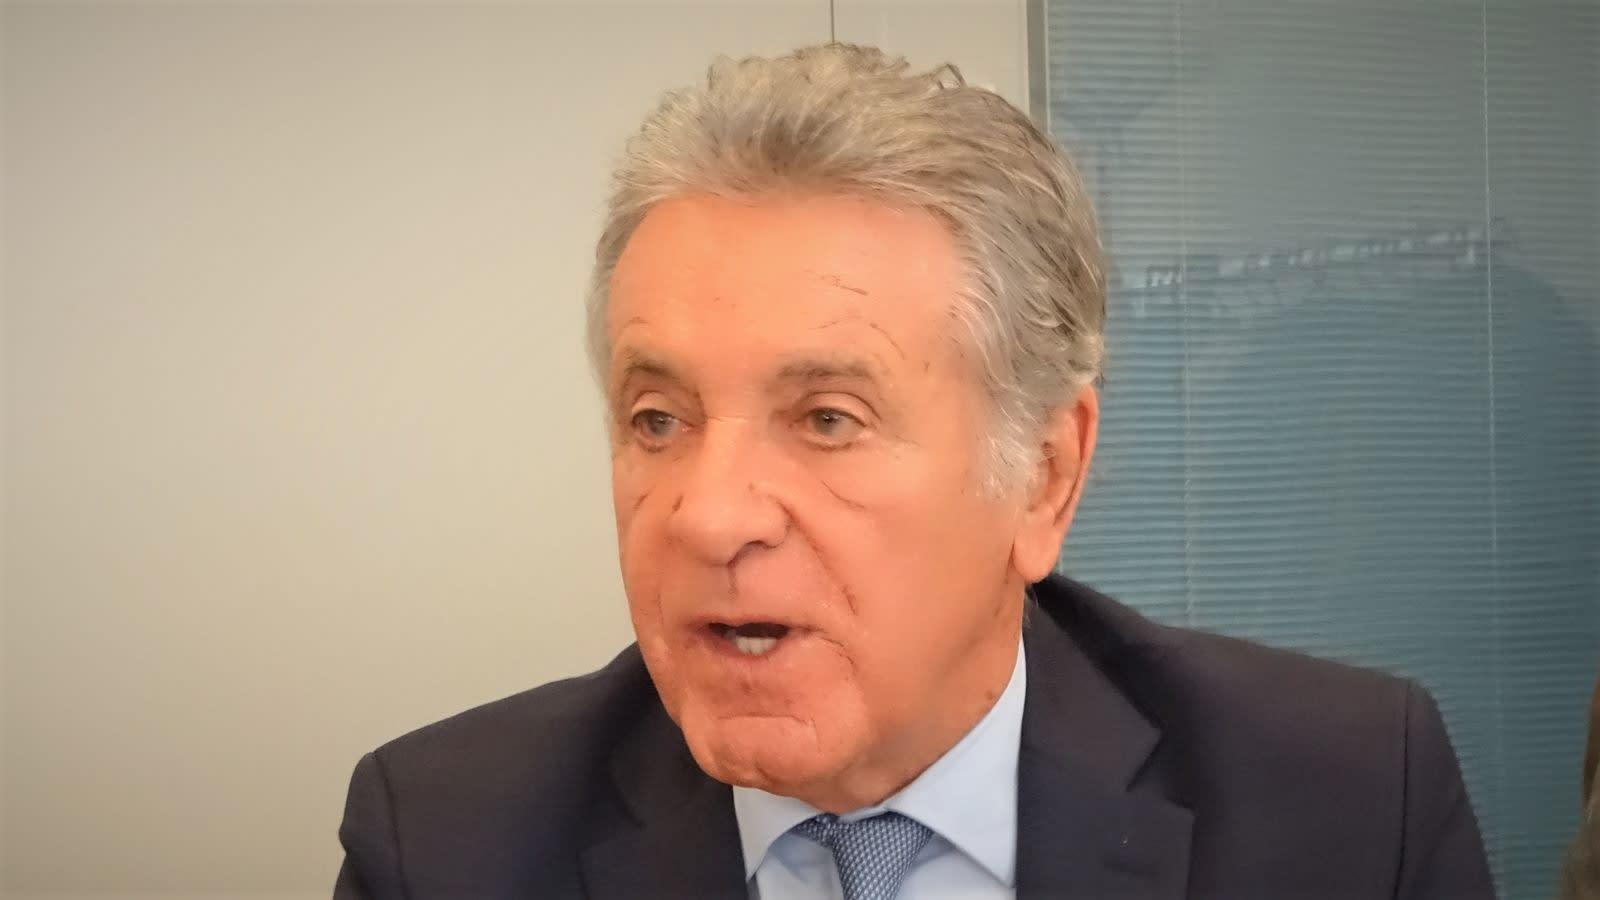 ジャン・ロアッタ副市長